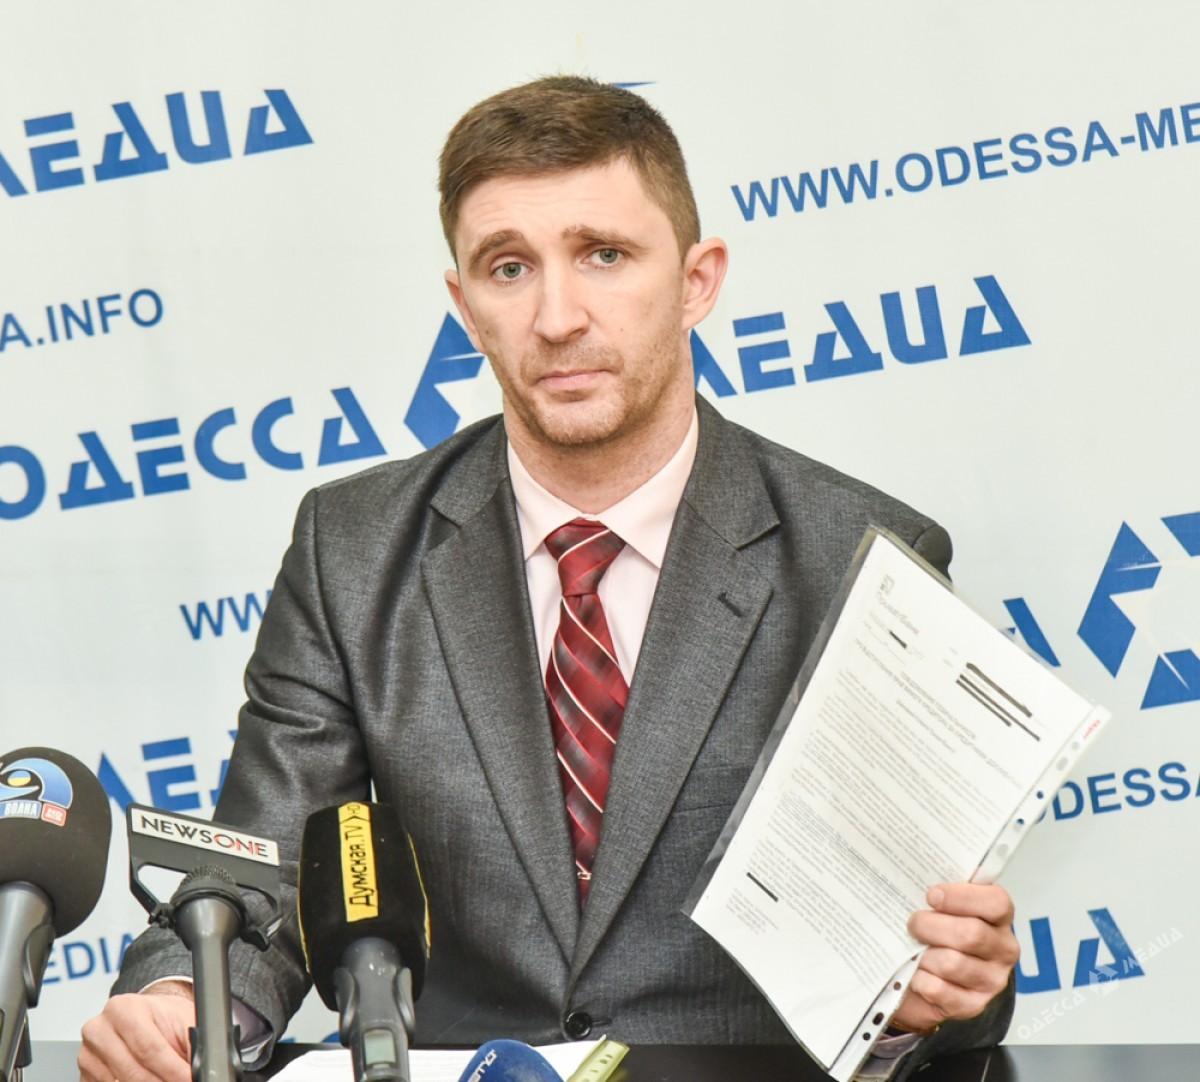 8ffbf0fa694e48da0caf7261340f7def Одесские эксперты готовятся к доллару по 40 гривен